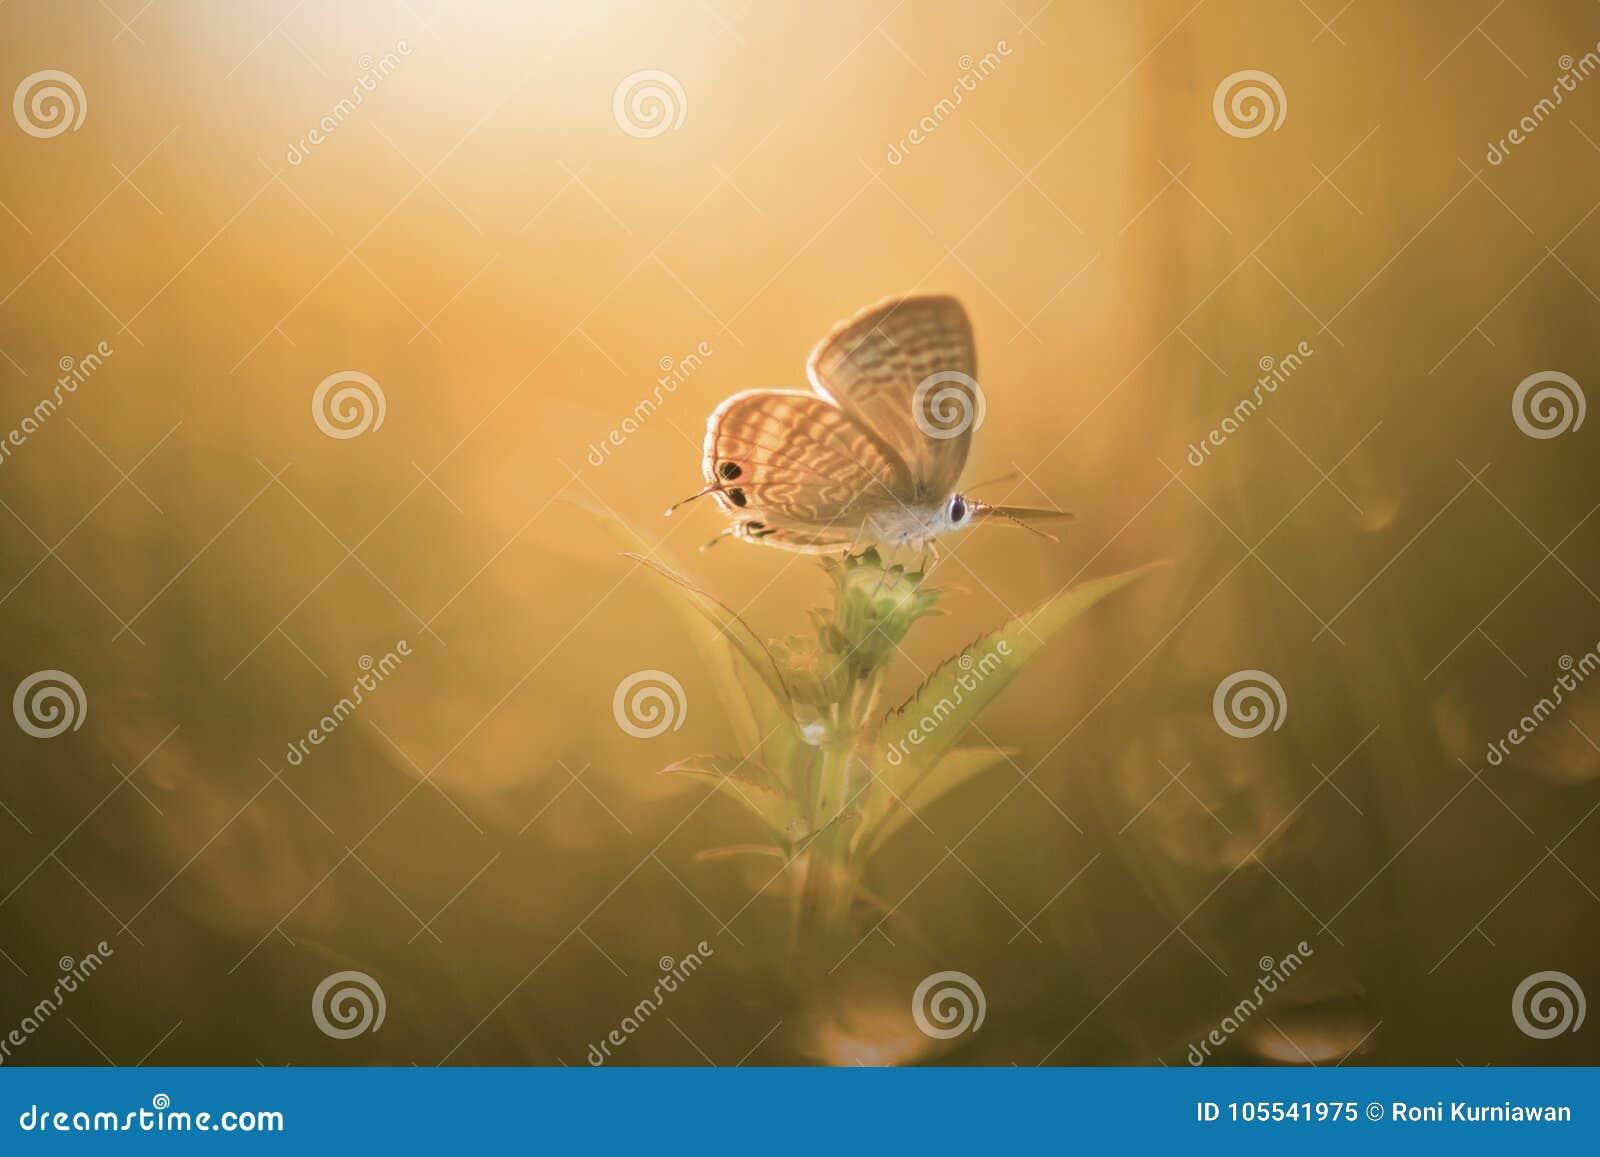 Schmetterling, Tiere, Makro, bokeh, Insekt, Natur,